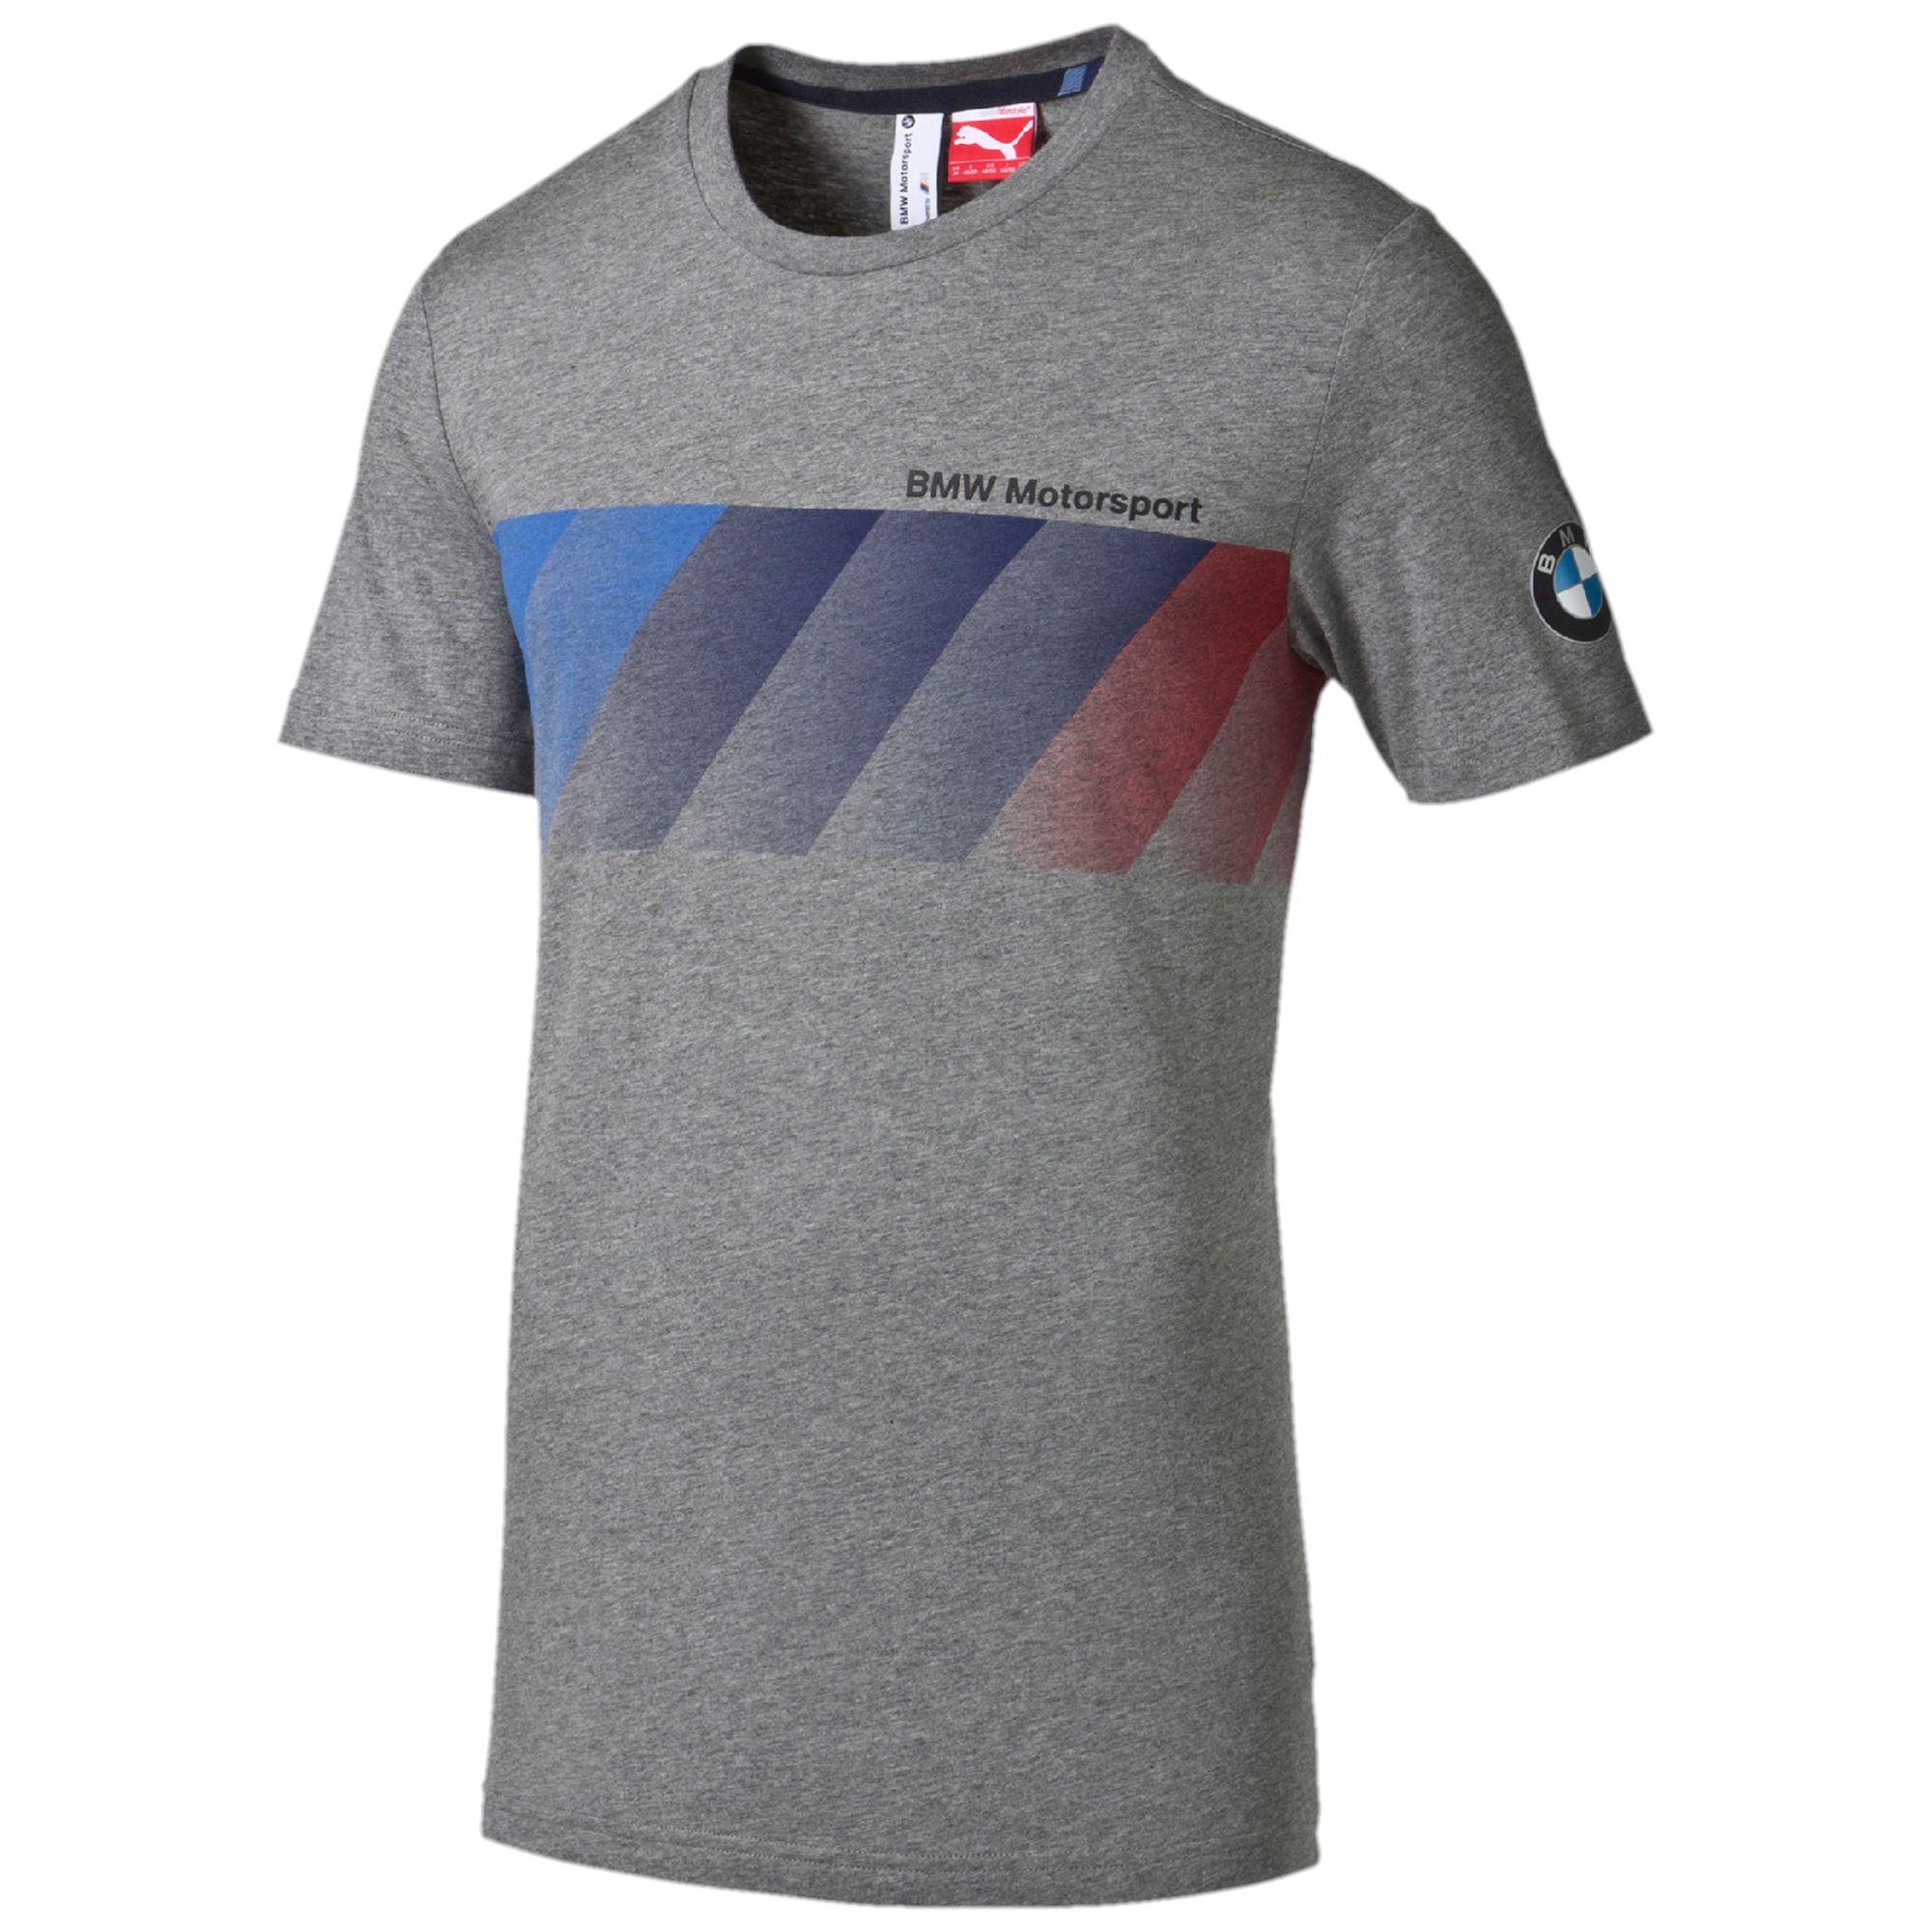 puma bmw motorsport t shirt apparel t shirts auto men new. Black Bedroom Furniture Sets. Home Design Ideas